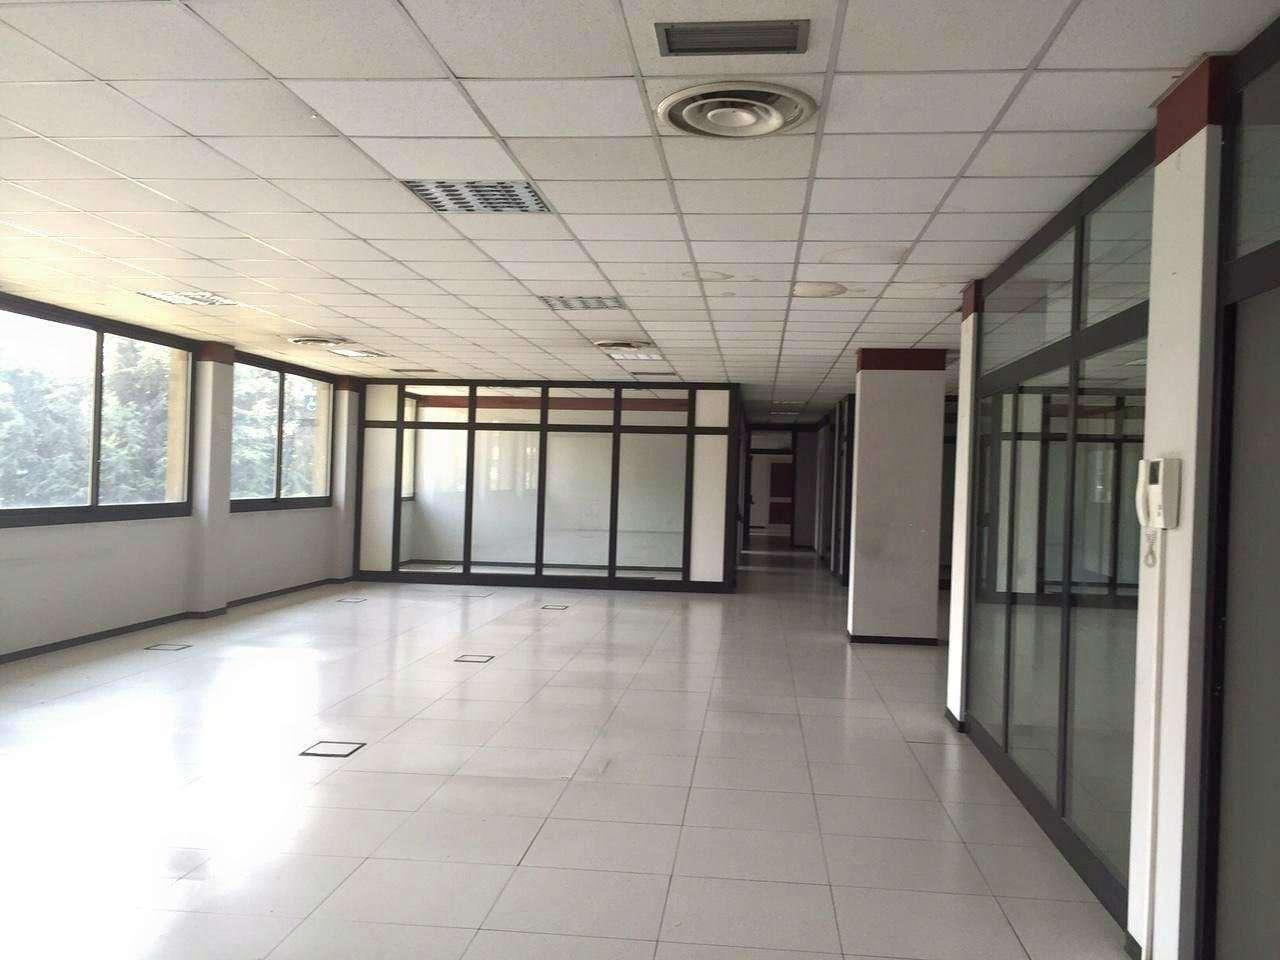 Ufficio / Studio in affitto a Legnano, 9 locali, prezzo € 45.000   PortaleAgenzieImmobiliari.it